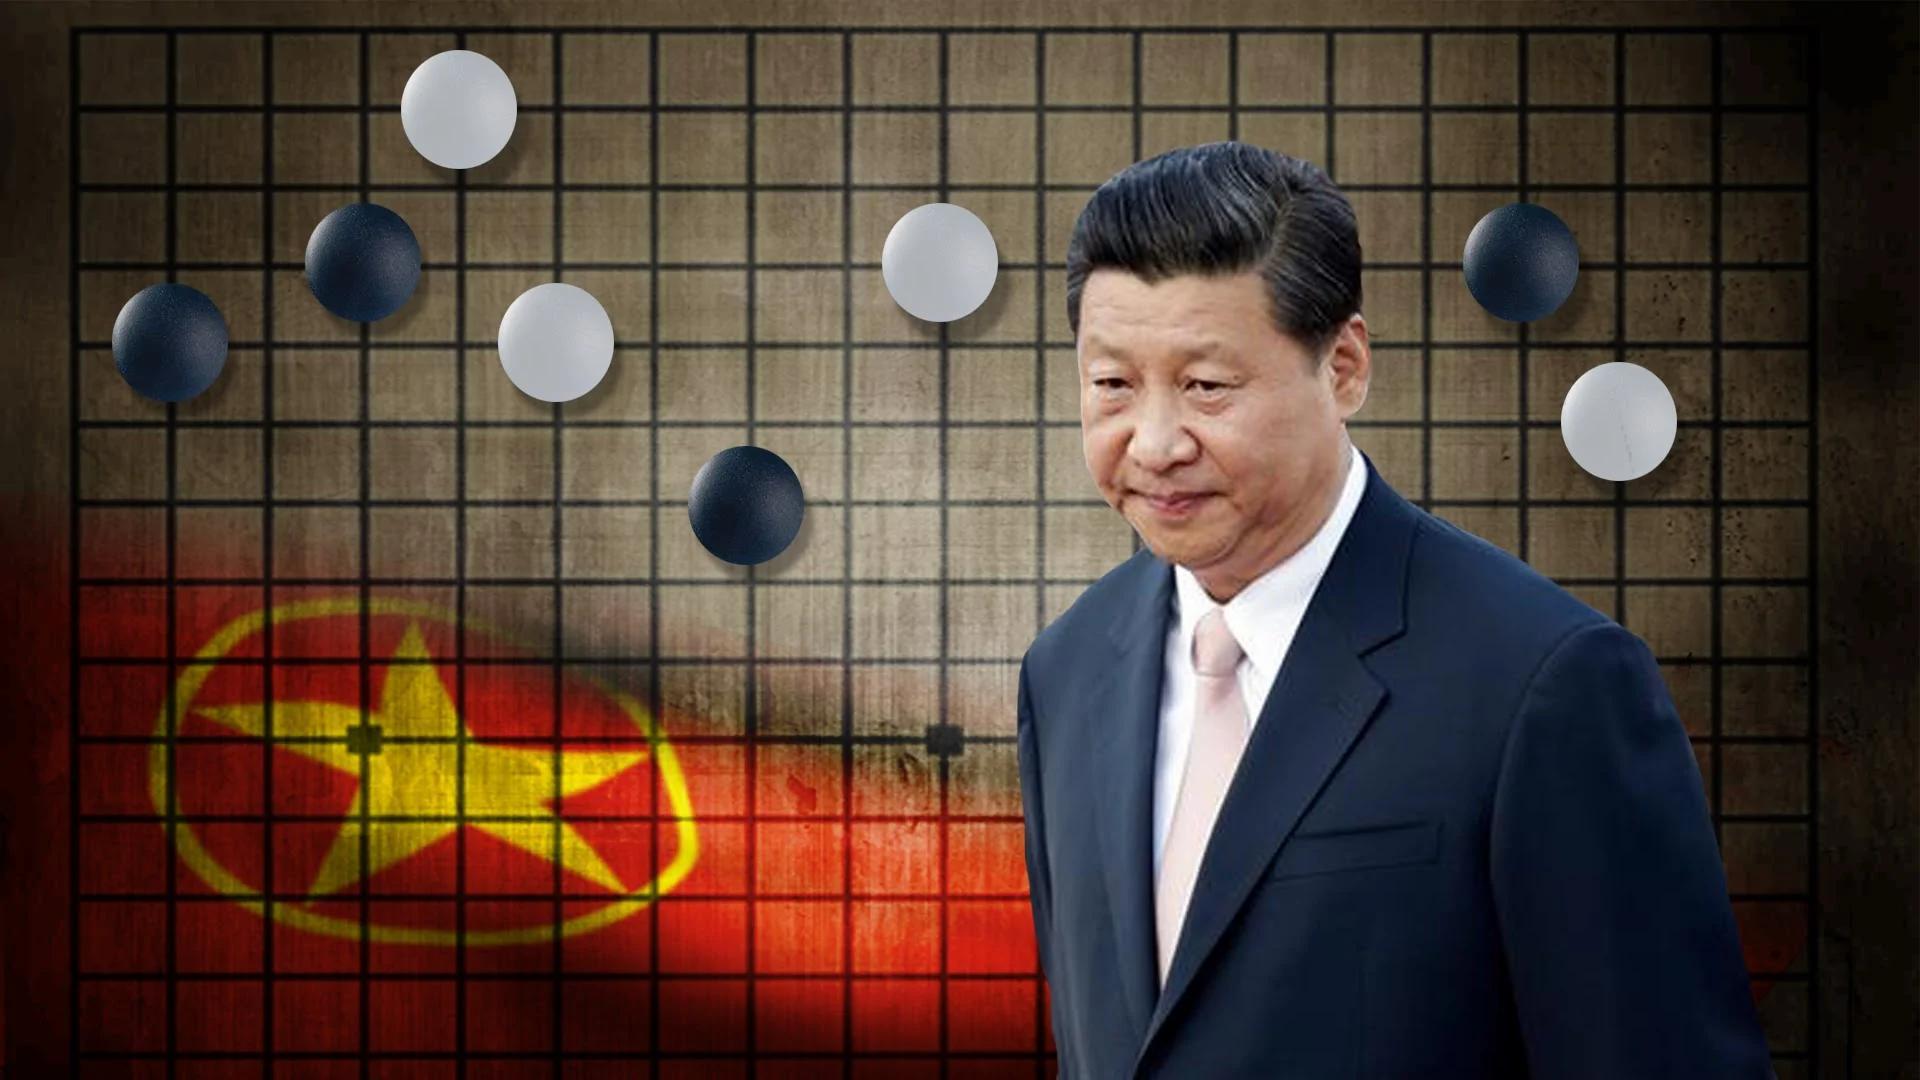 共青团中央文革式吹捧 高级黑习近平?习双管齐下 封基地断经济